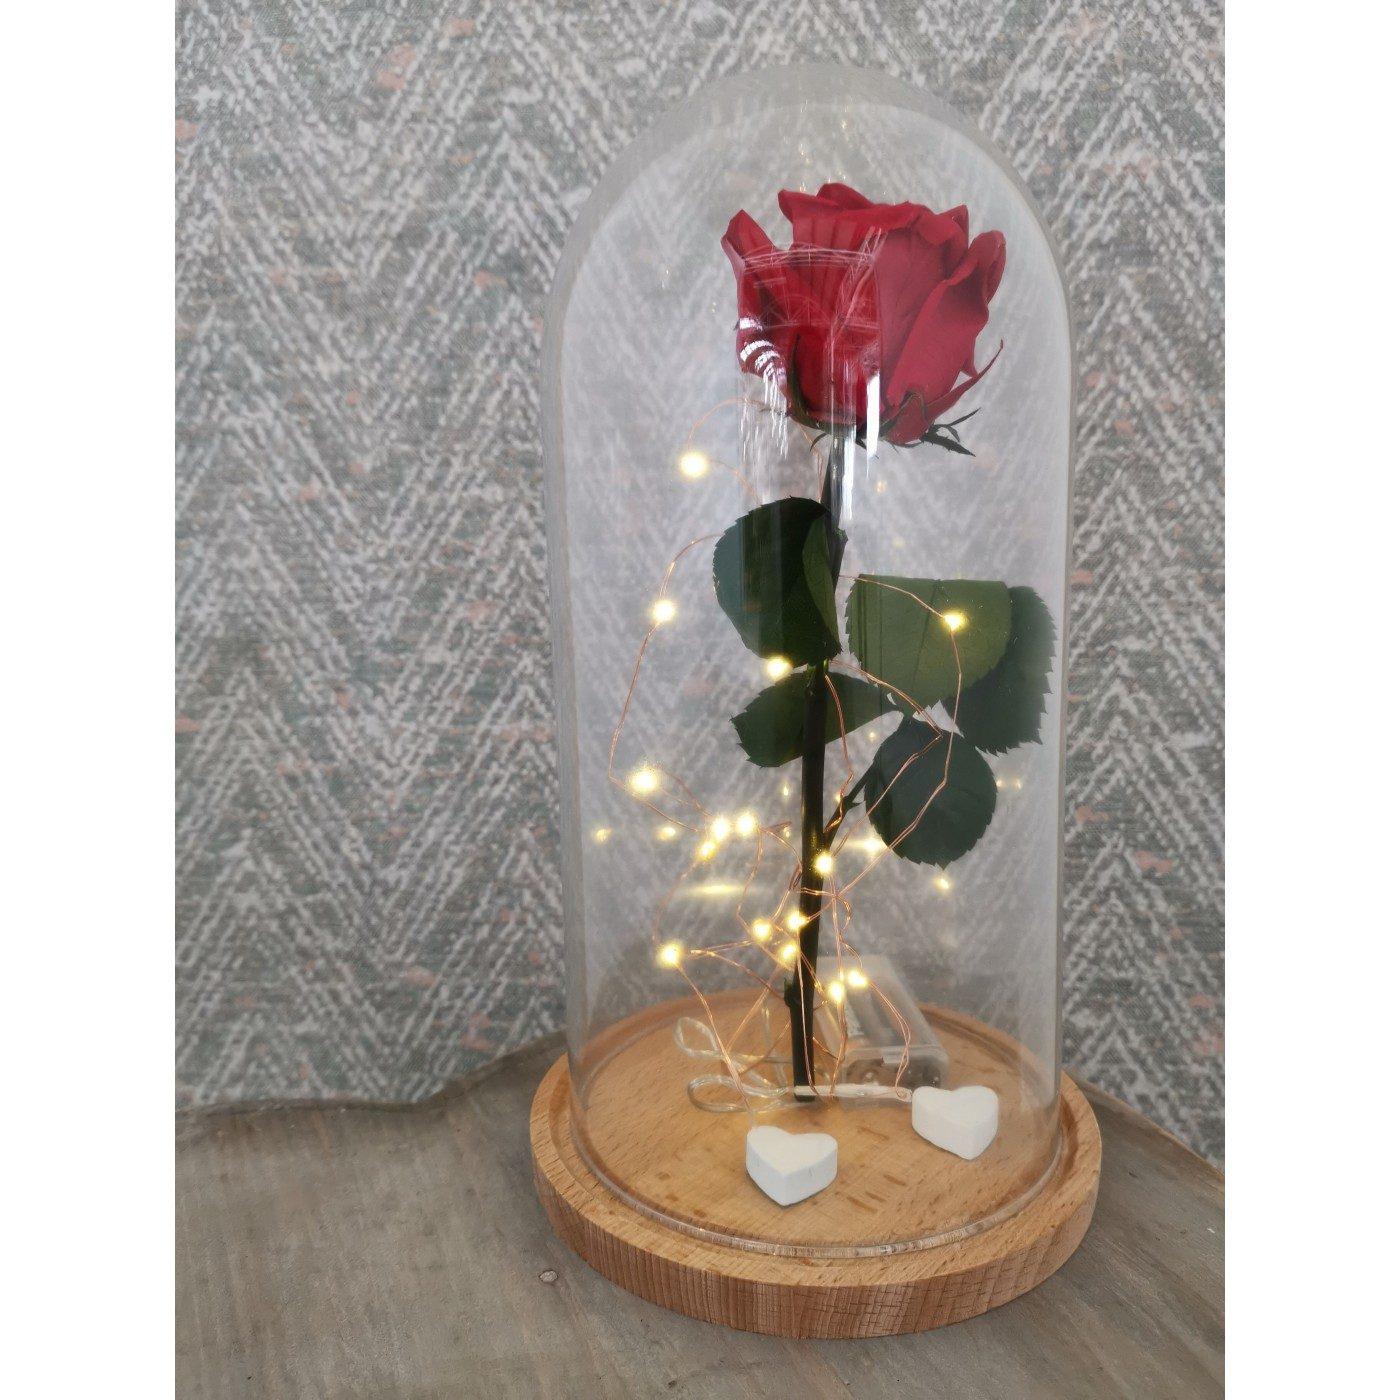 Cúpula amb rosa liofilitzada, capseta metàl·lica cor i llums